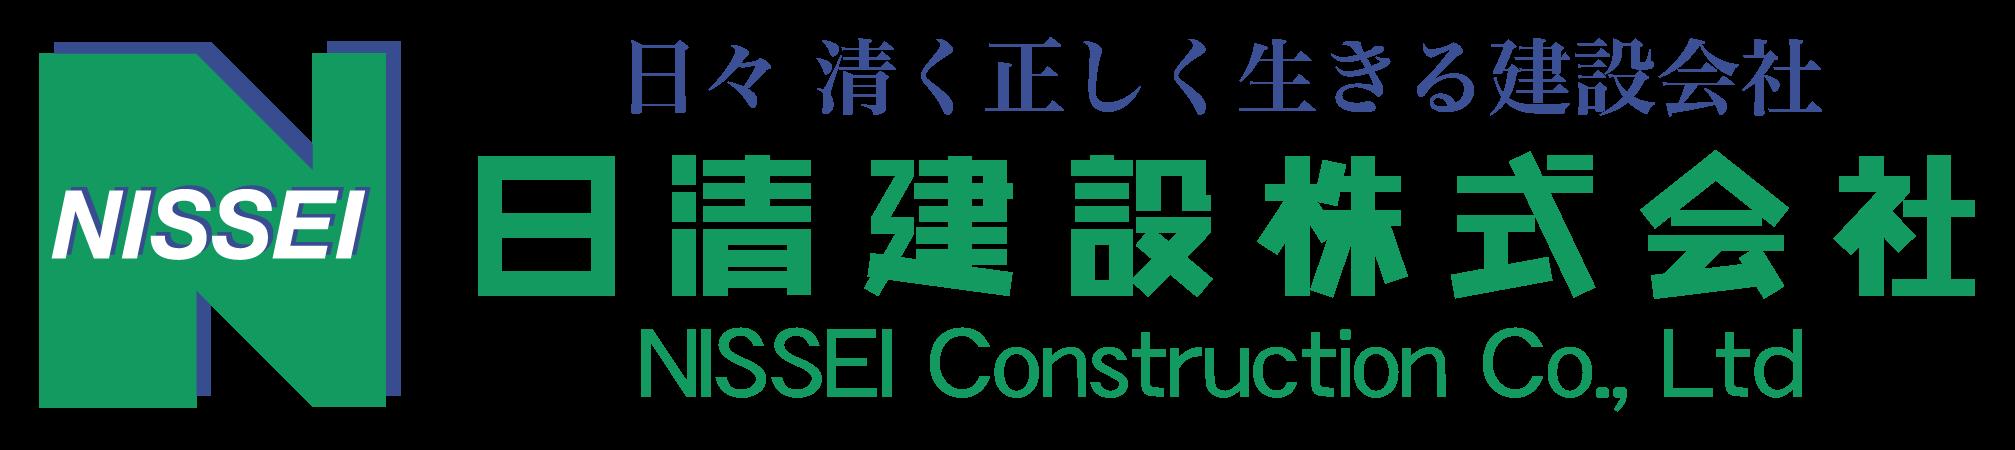 日清建設株式会社